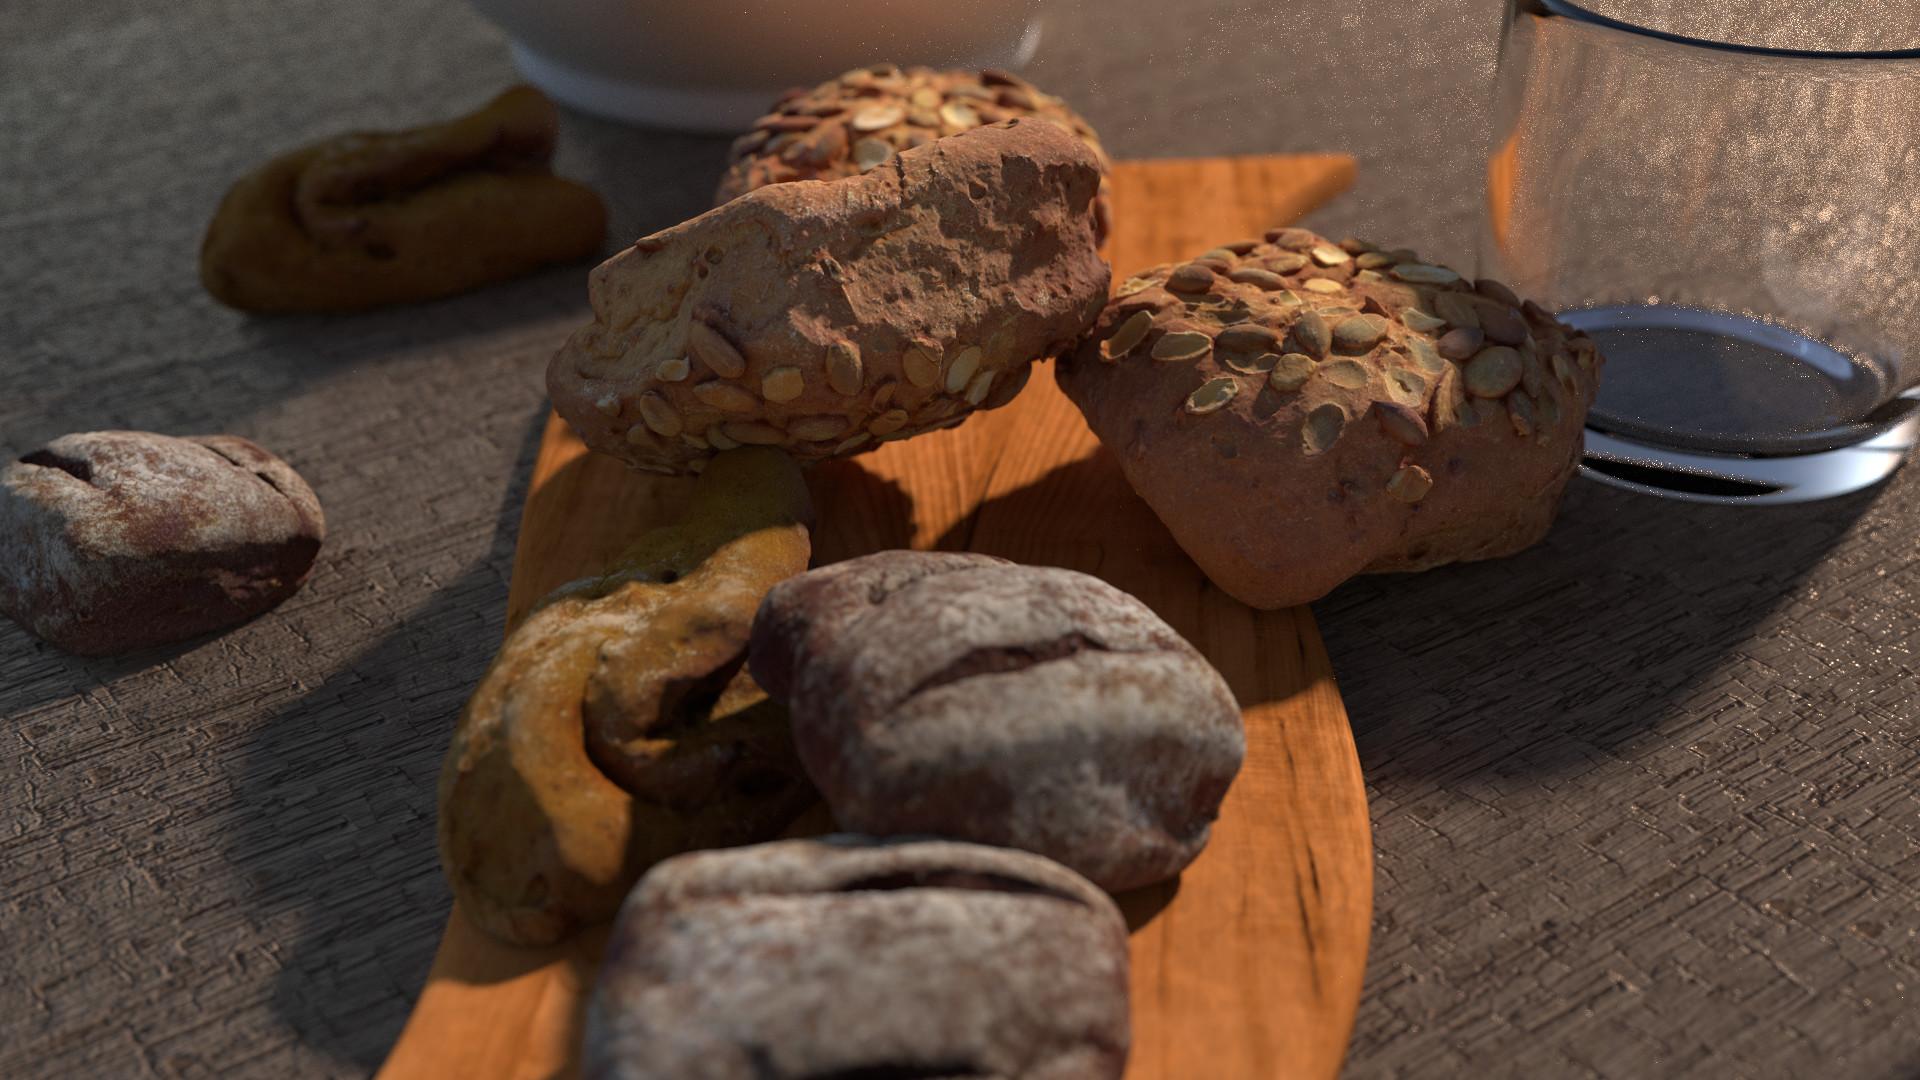 Sieben corgie bread 05